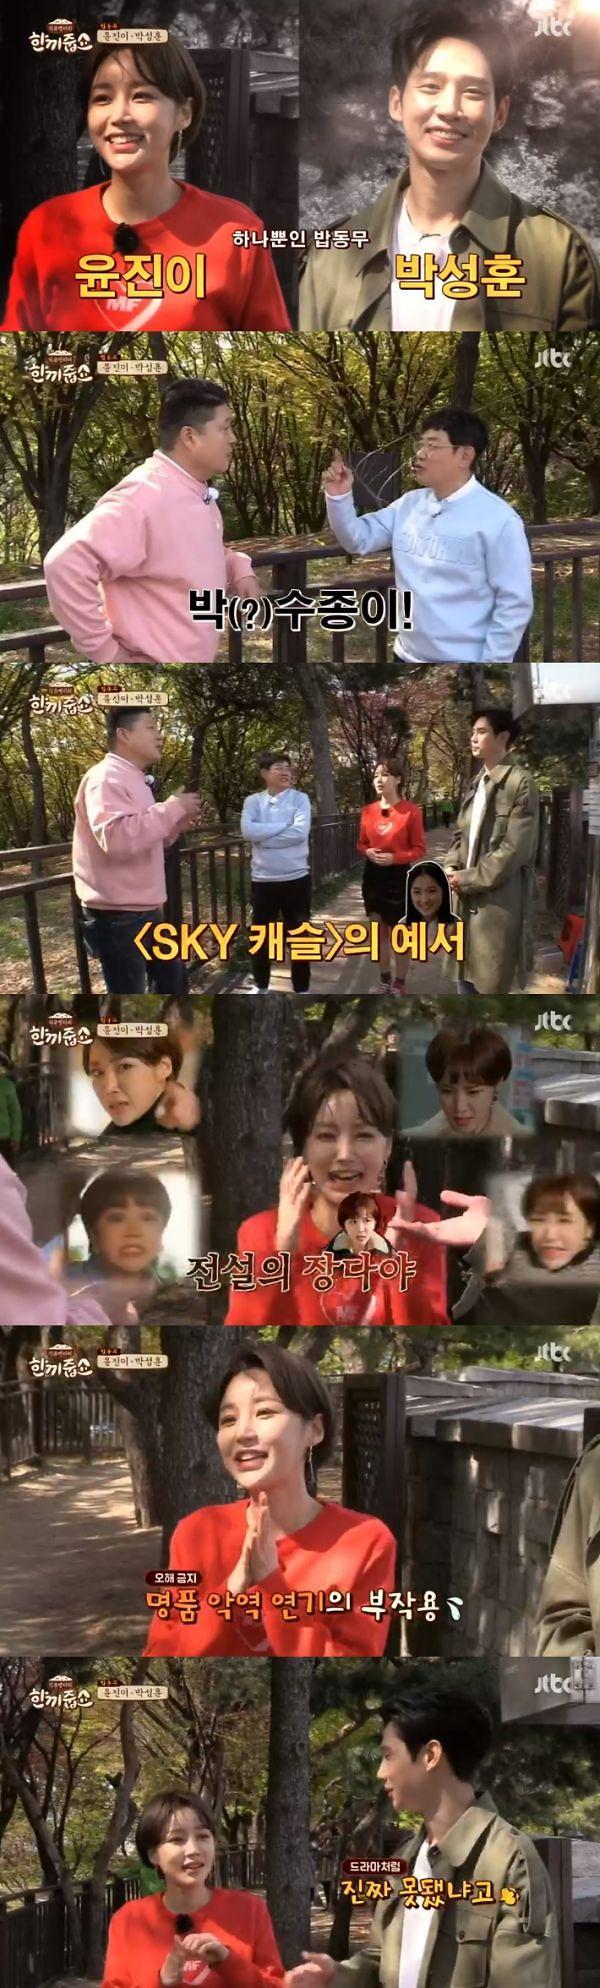 """한끼줍쇼 강호동, 윤진이에 몸서리…""""SKY 캐슬 예서보다 무서워"""""""